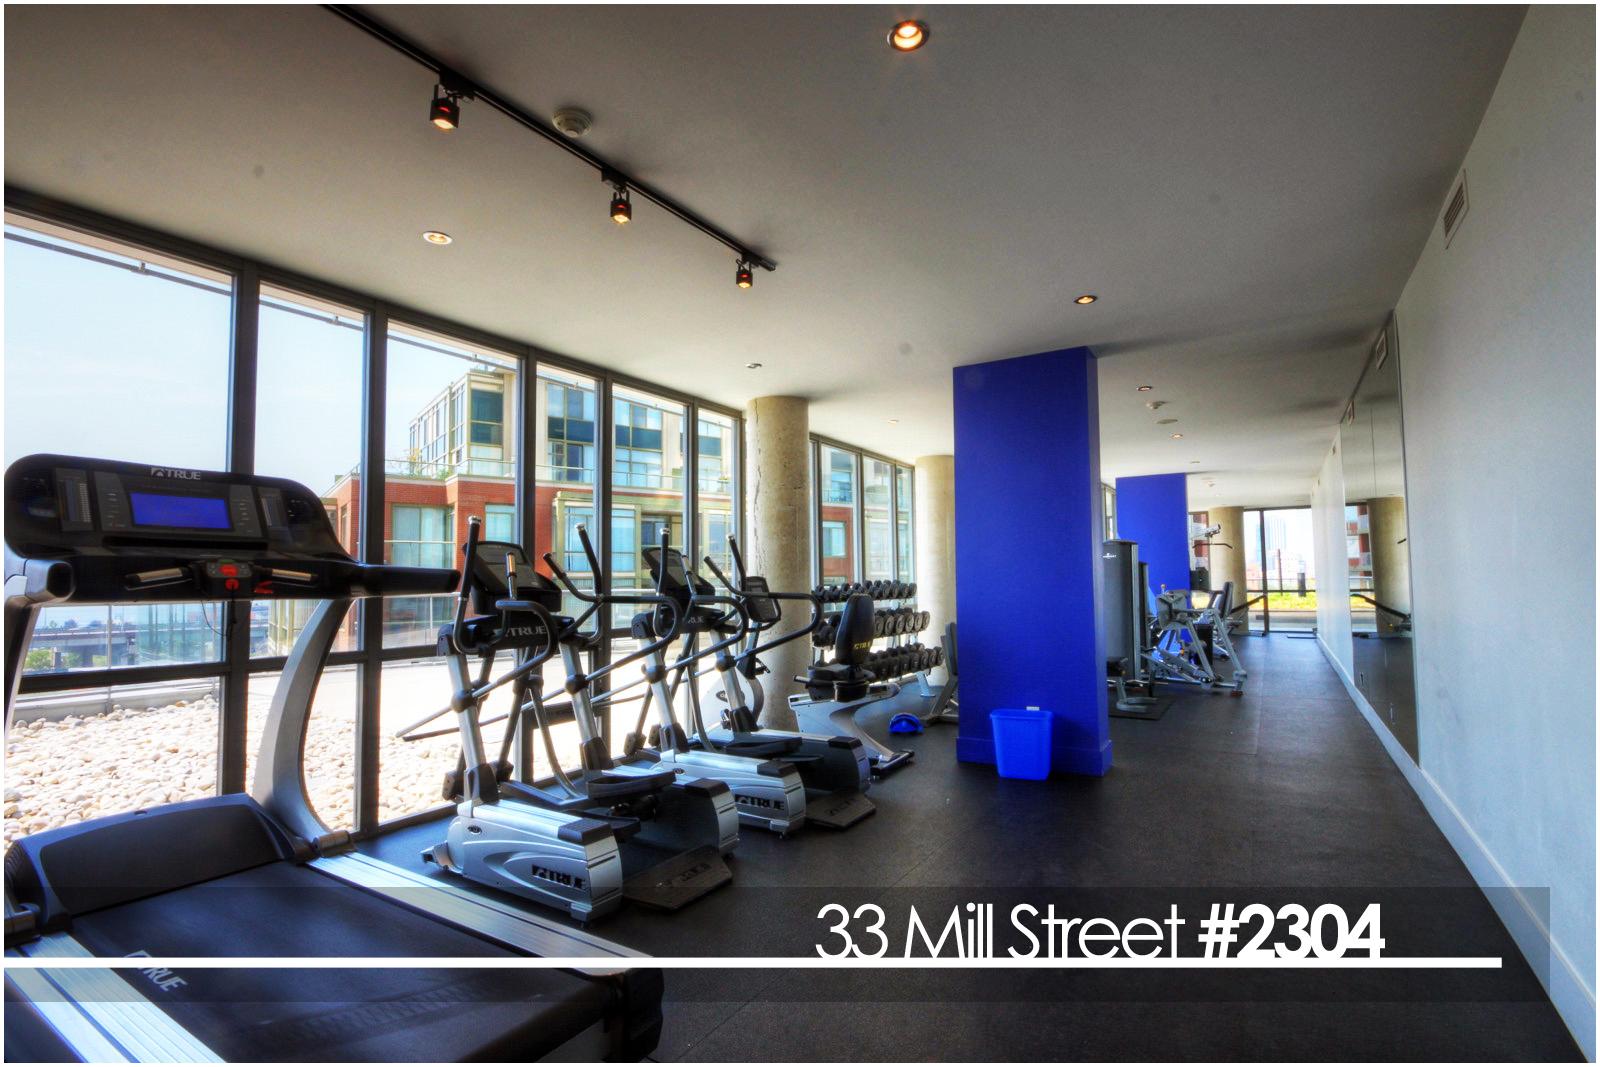 18 Gym.jpg